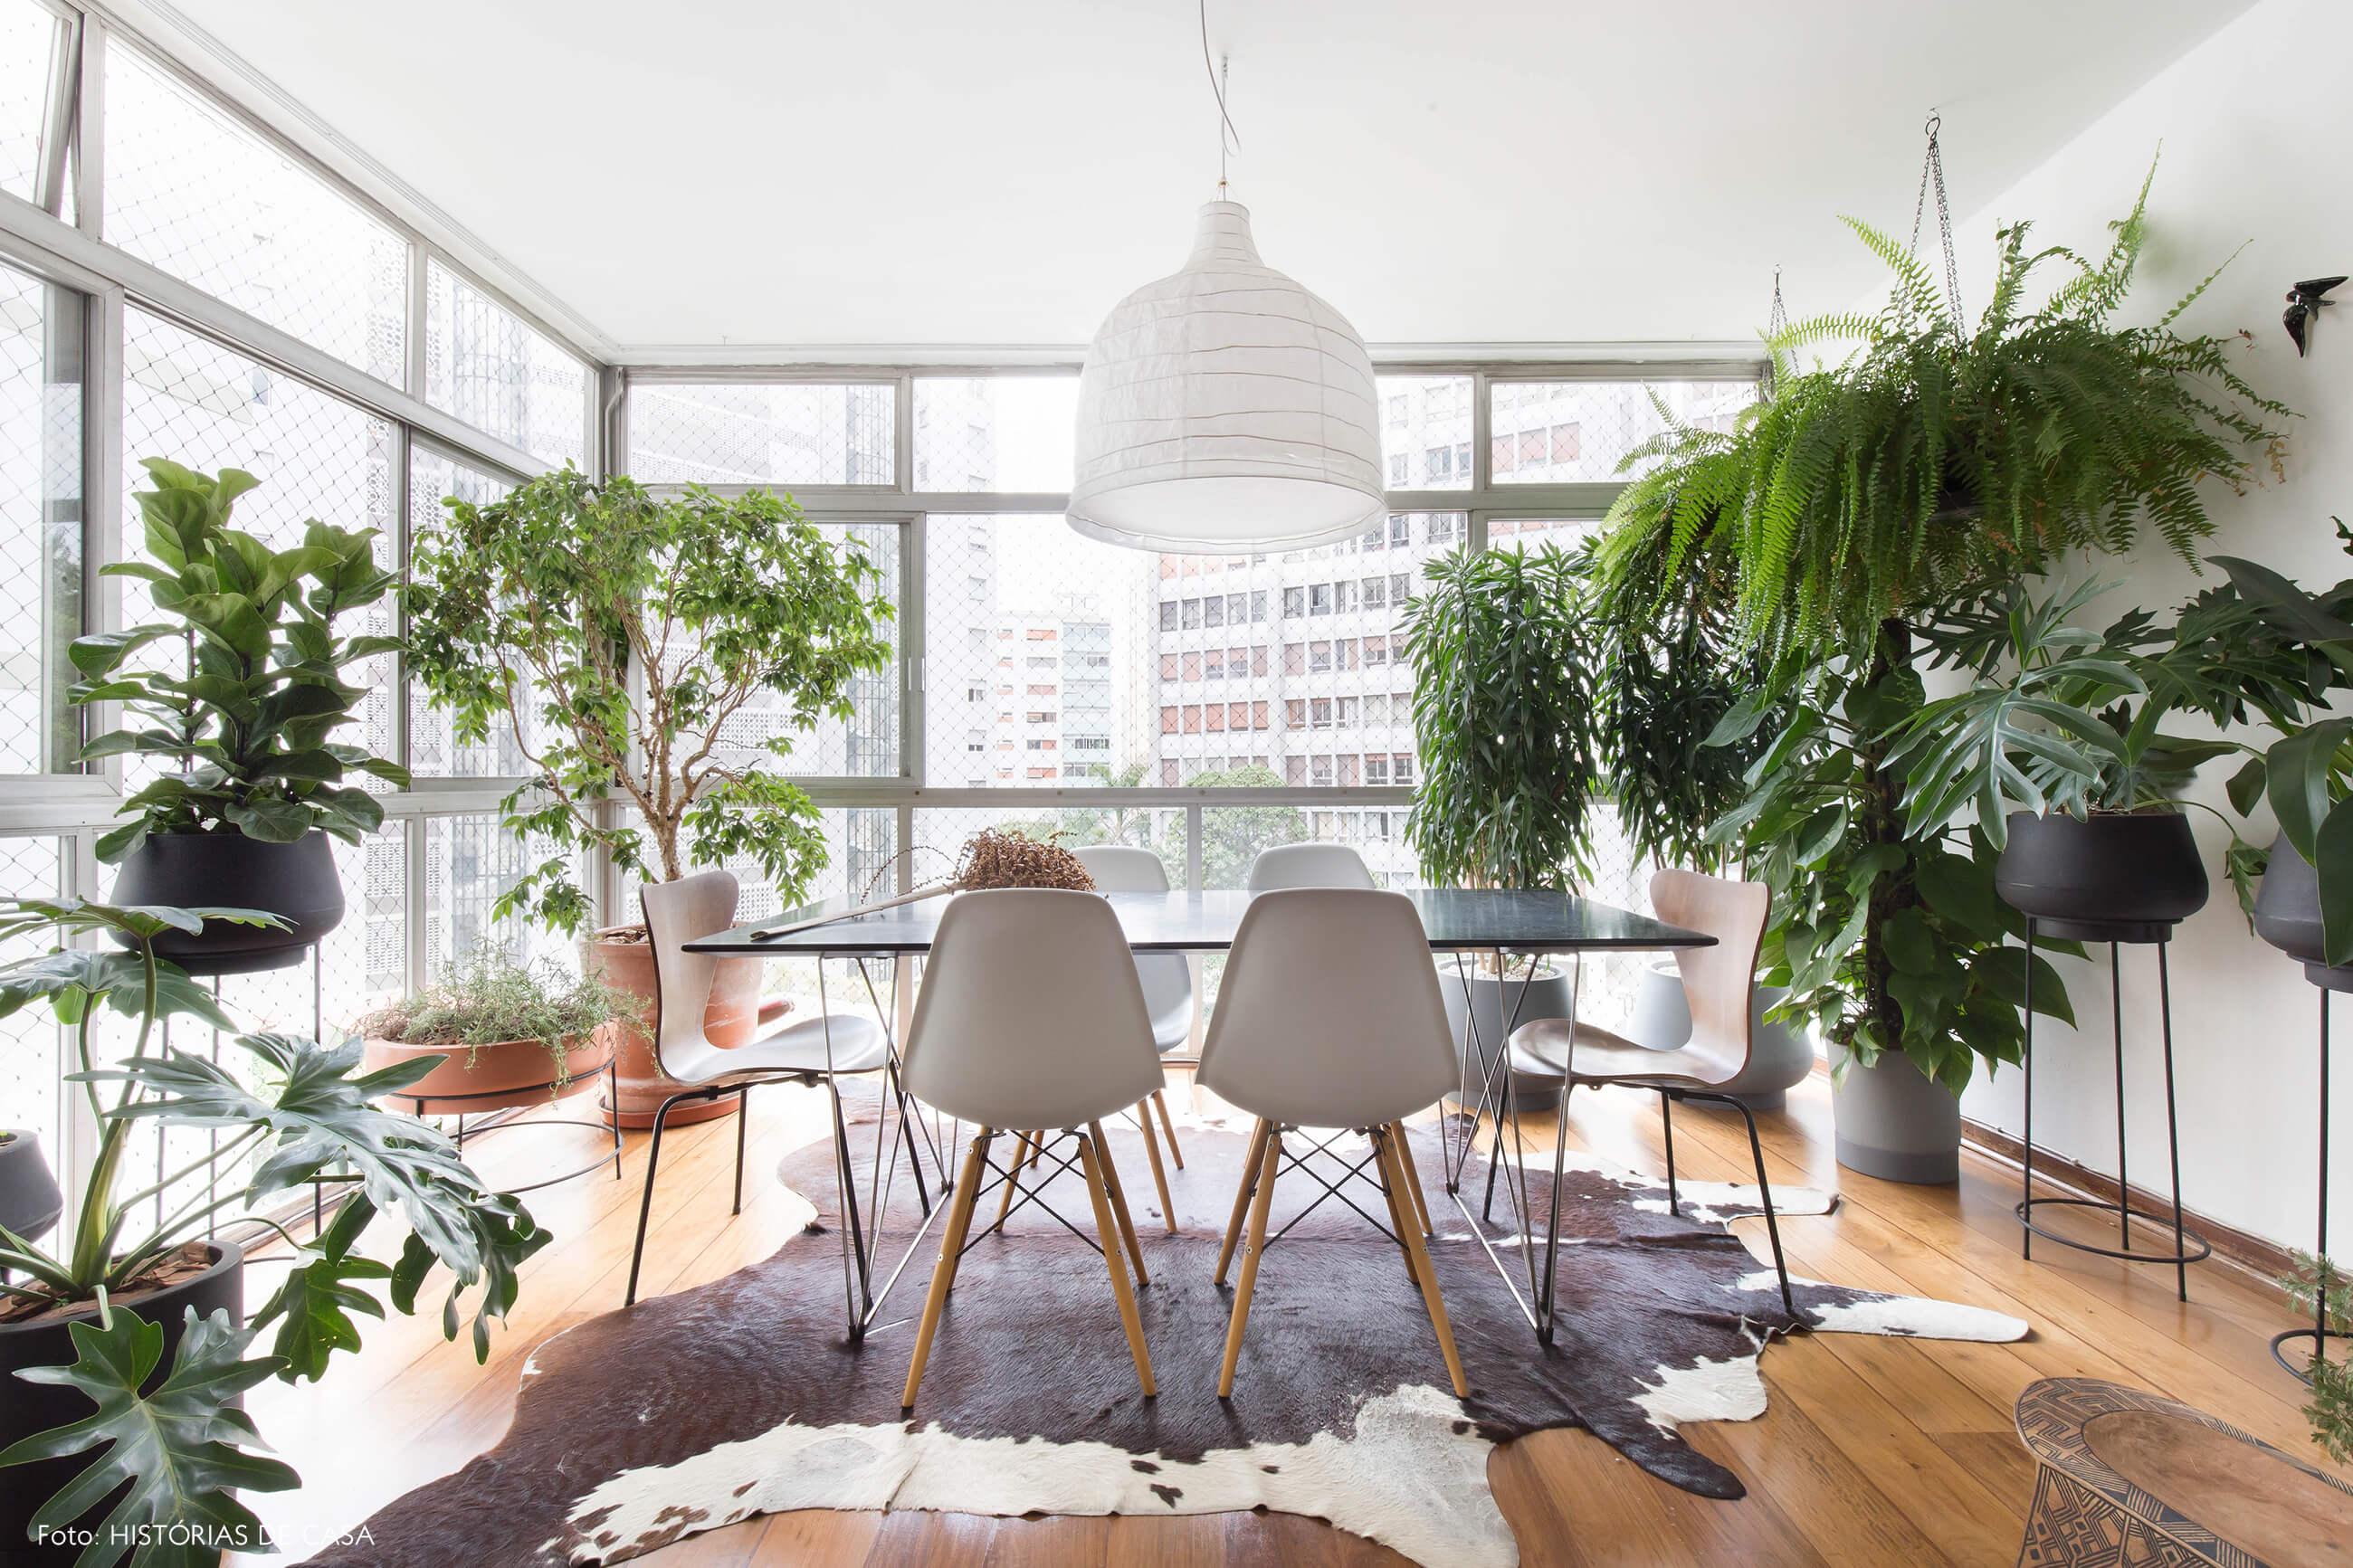 Sala de jantar com grandes janelas do piso ao teto